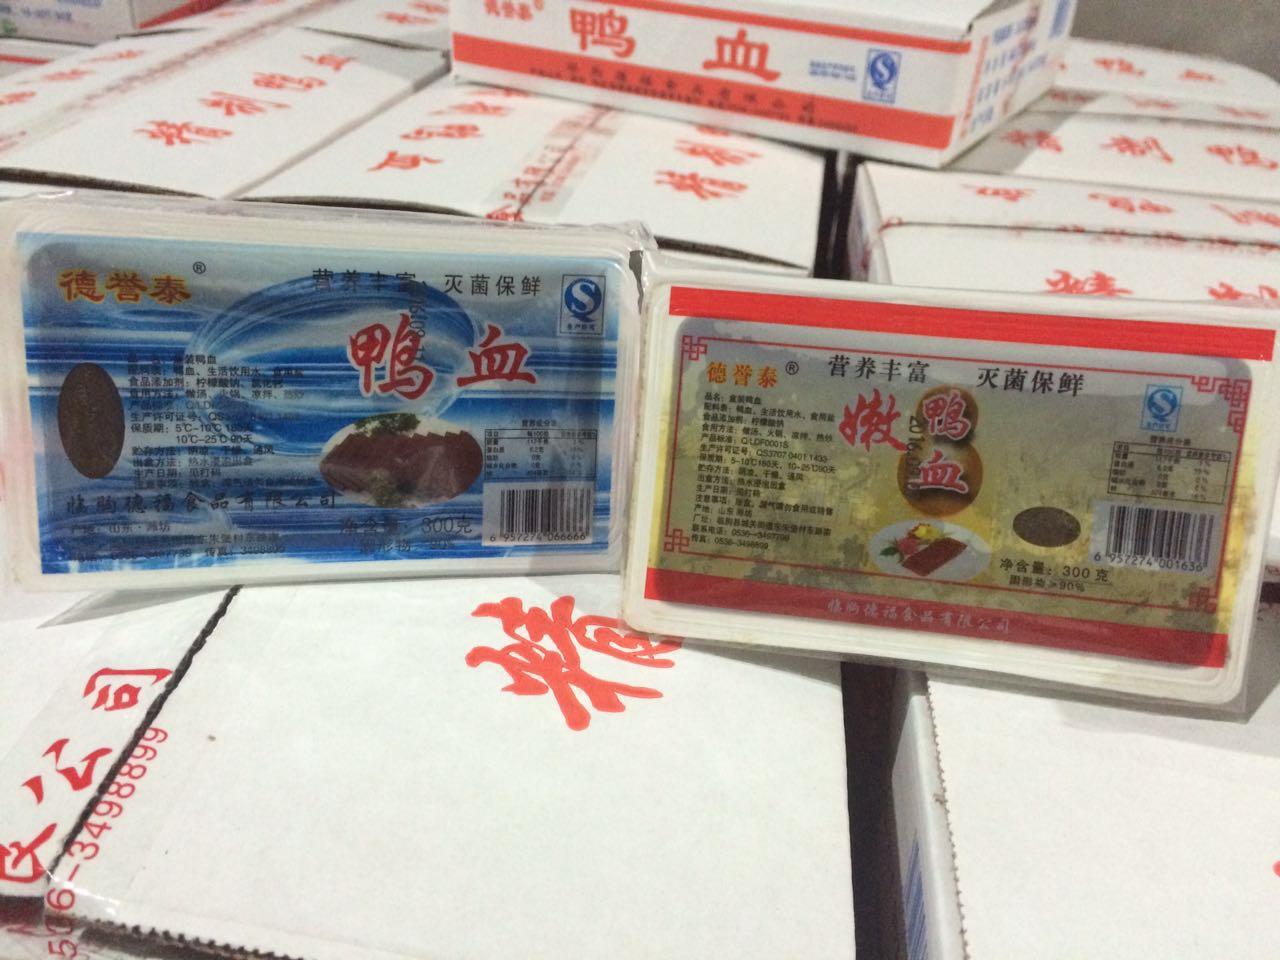 袋装鸭血的选购方法——德福食品